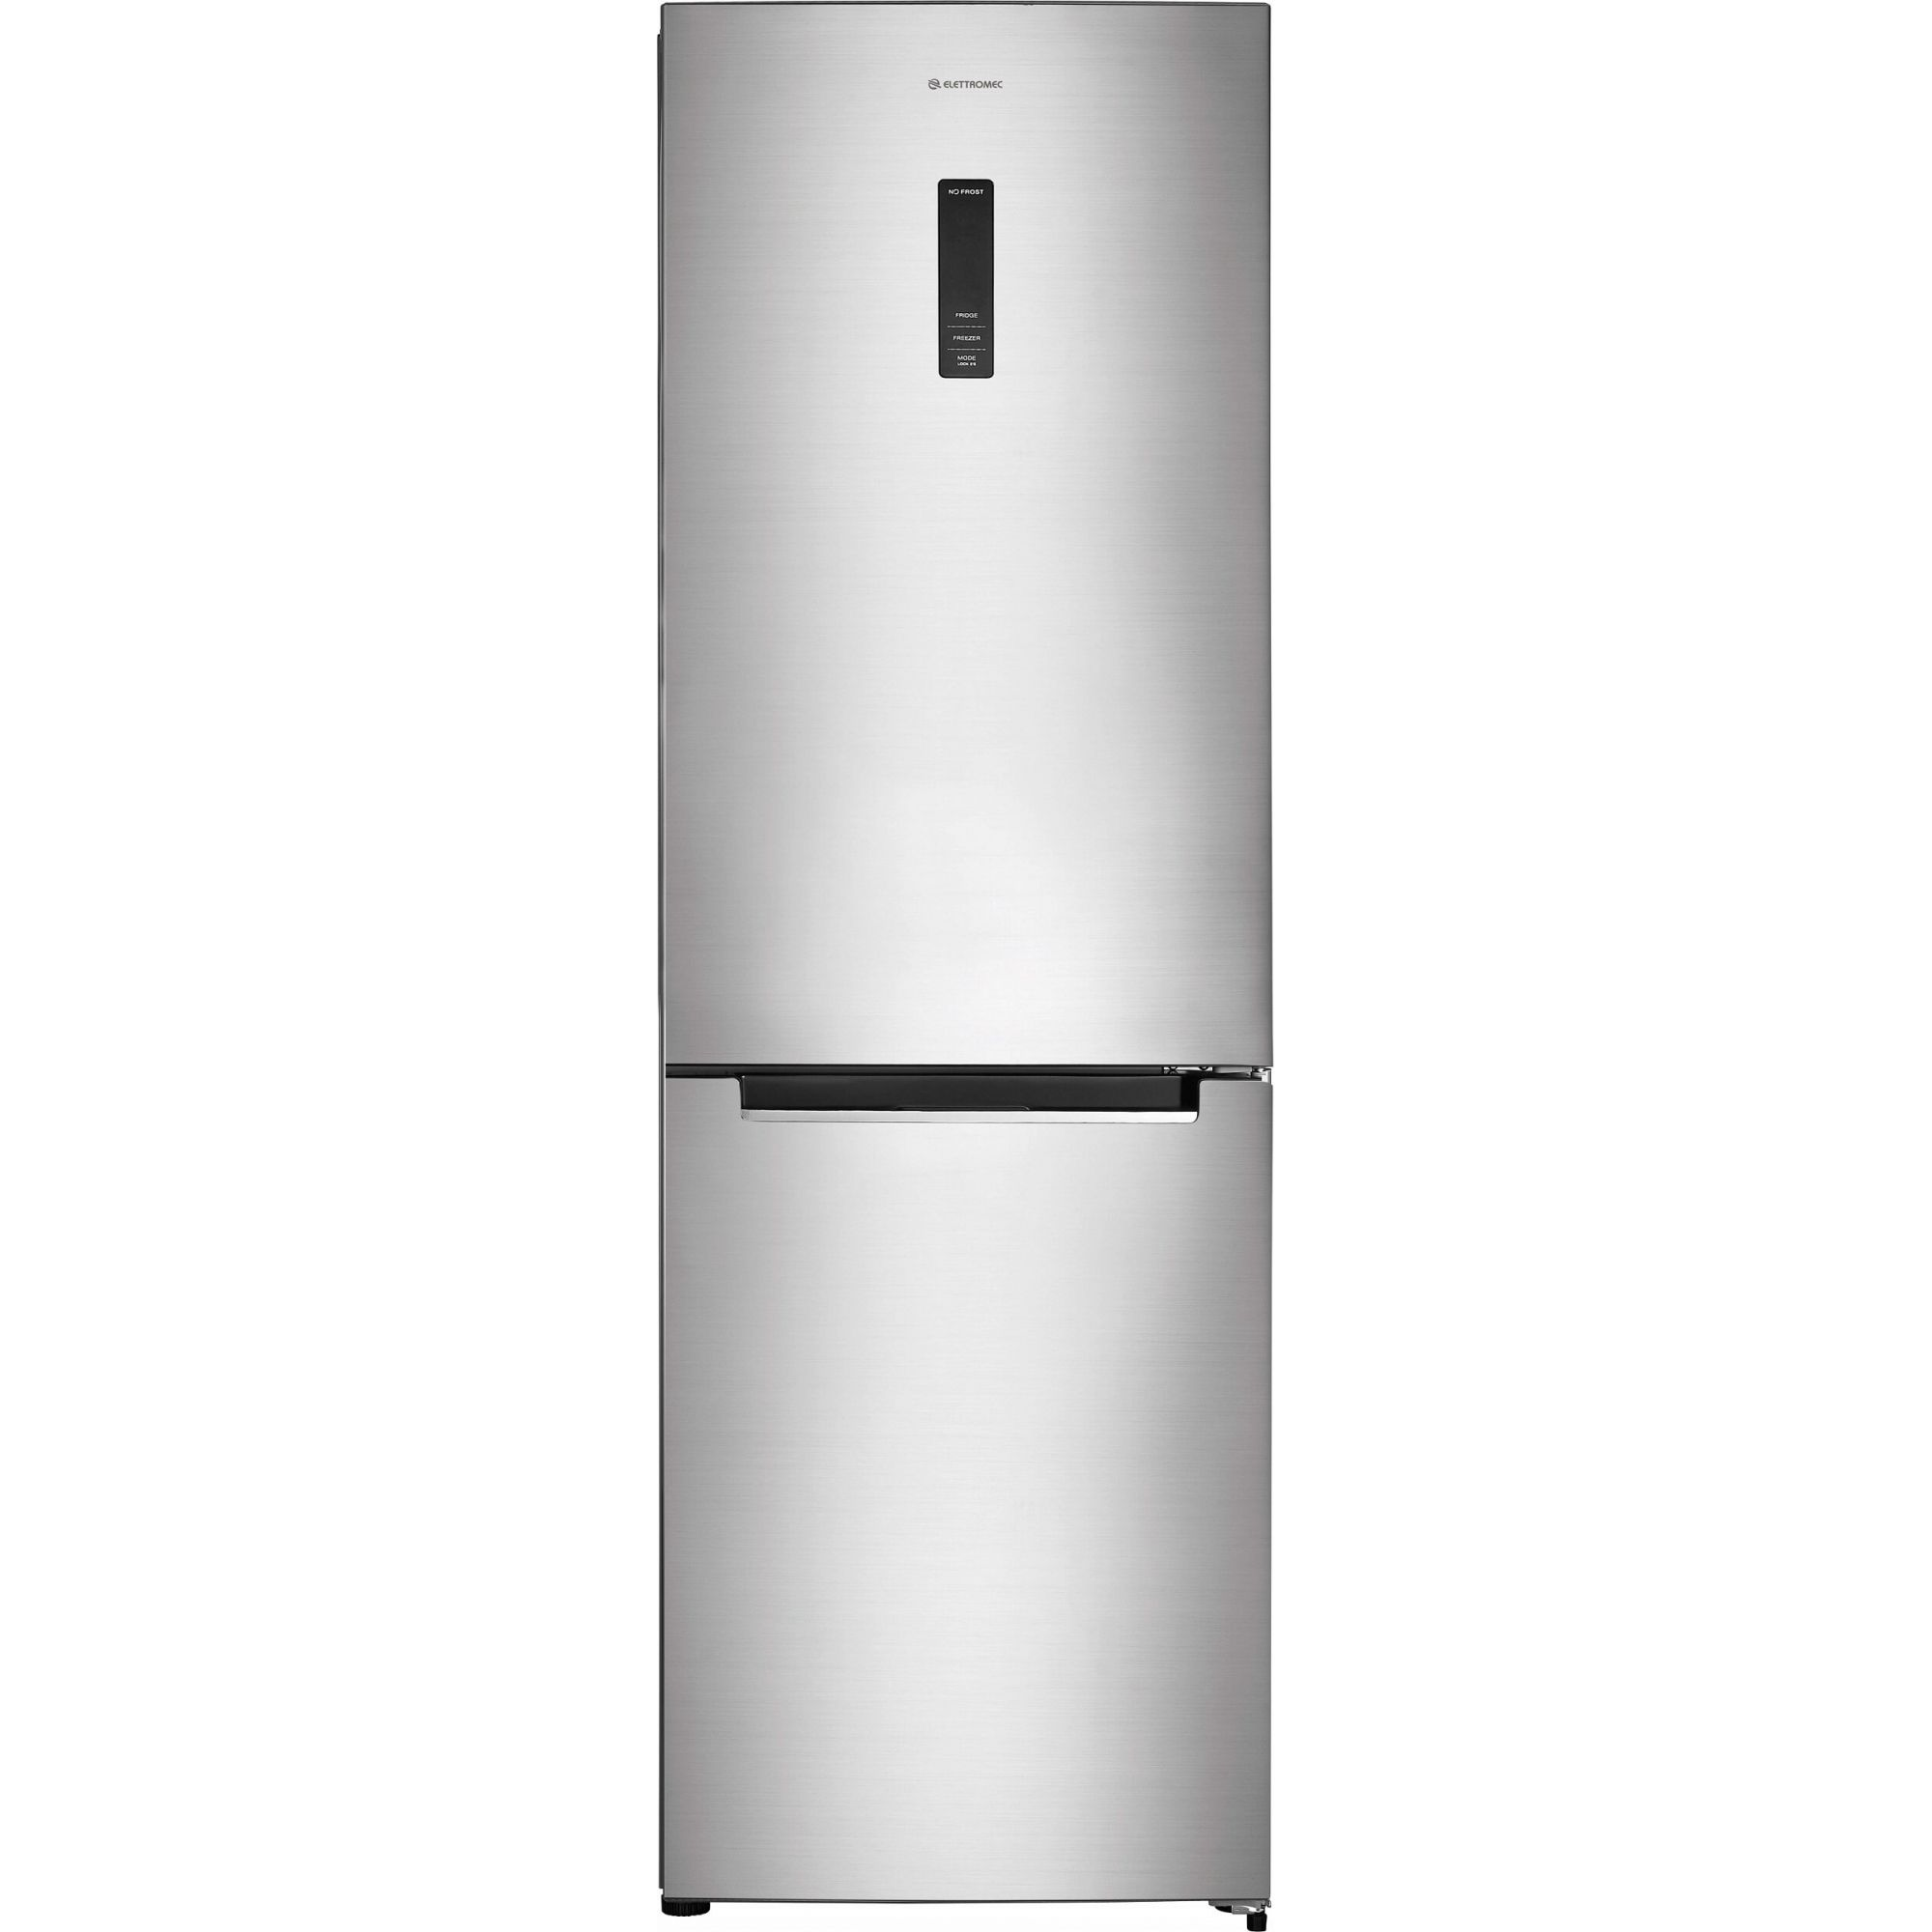 Refrigerador Bottom Freezer 317 Litros Elettromec